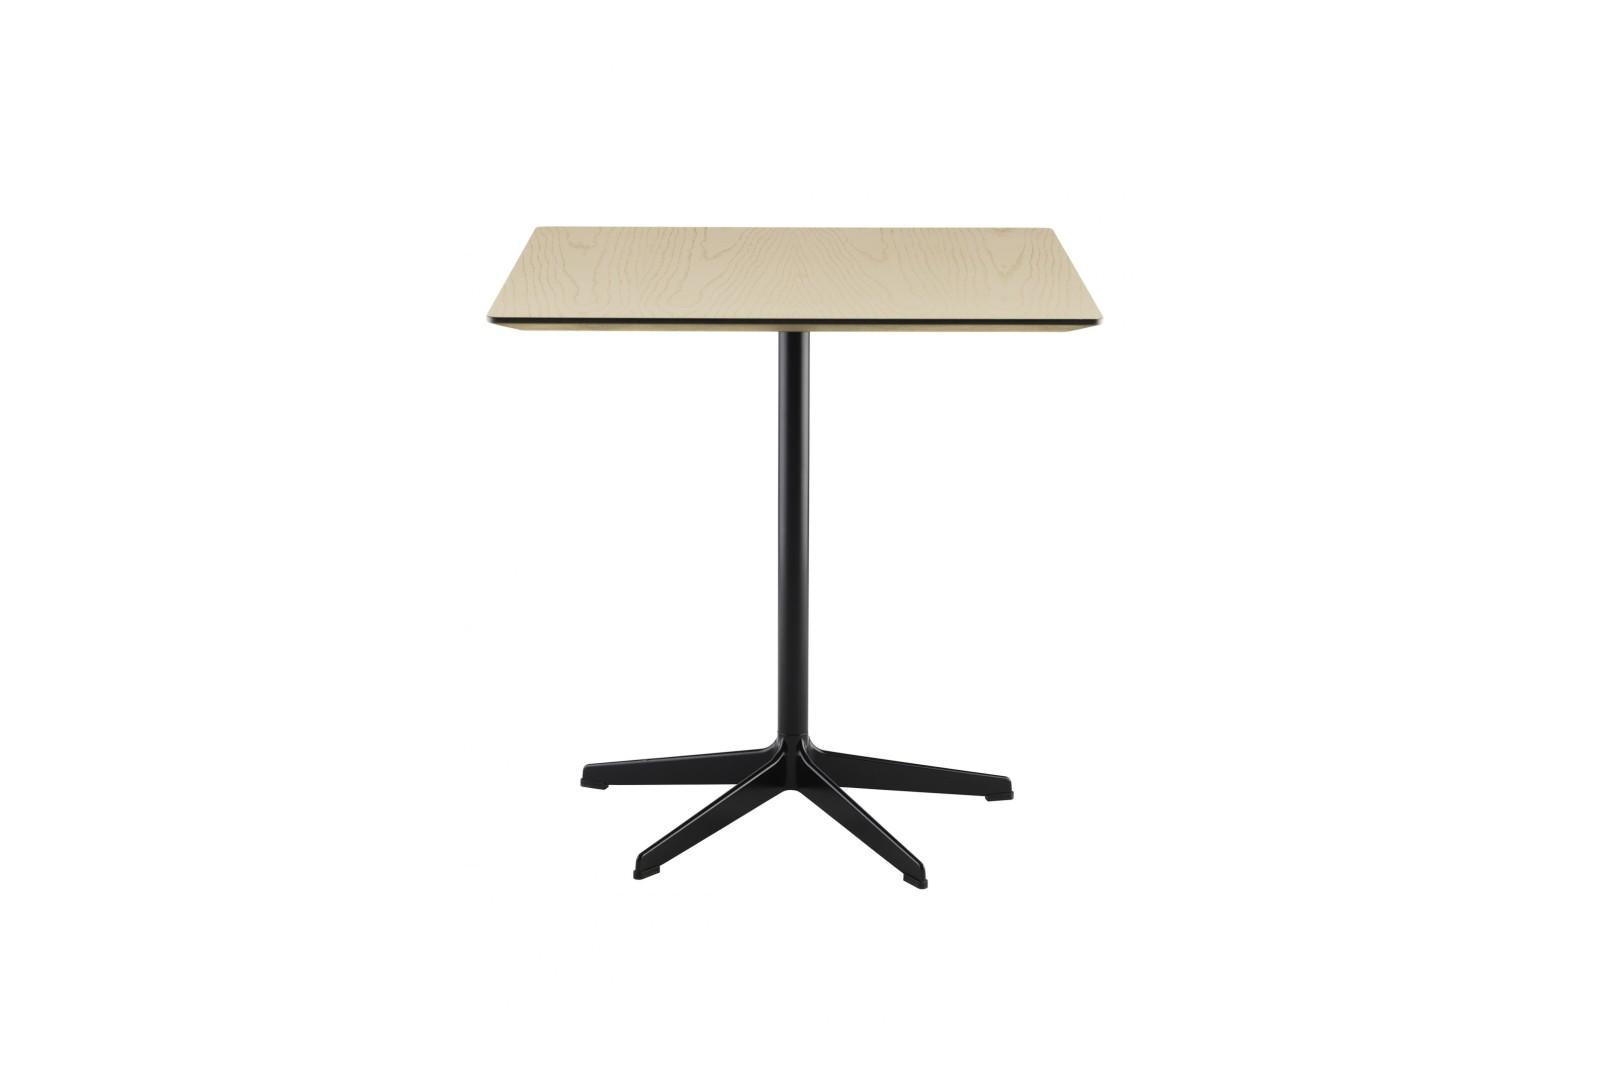 Rondo Square Table 70 x 70 x 72, White Lacquer, Oak Natural Lacquer